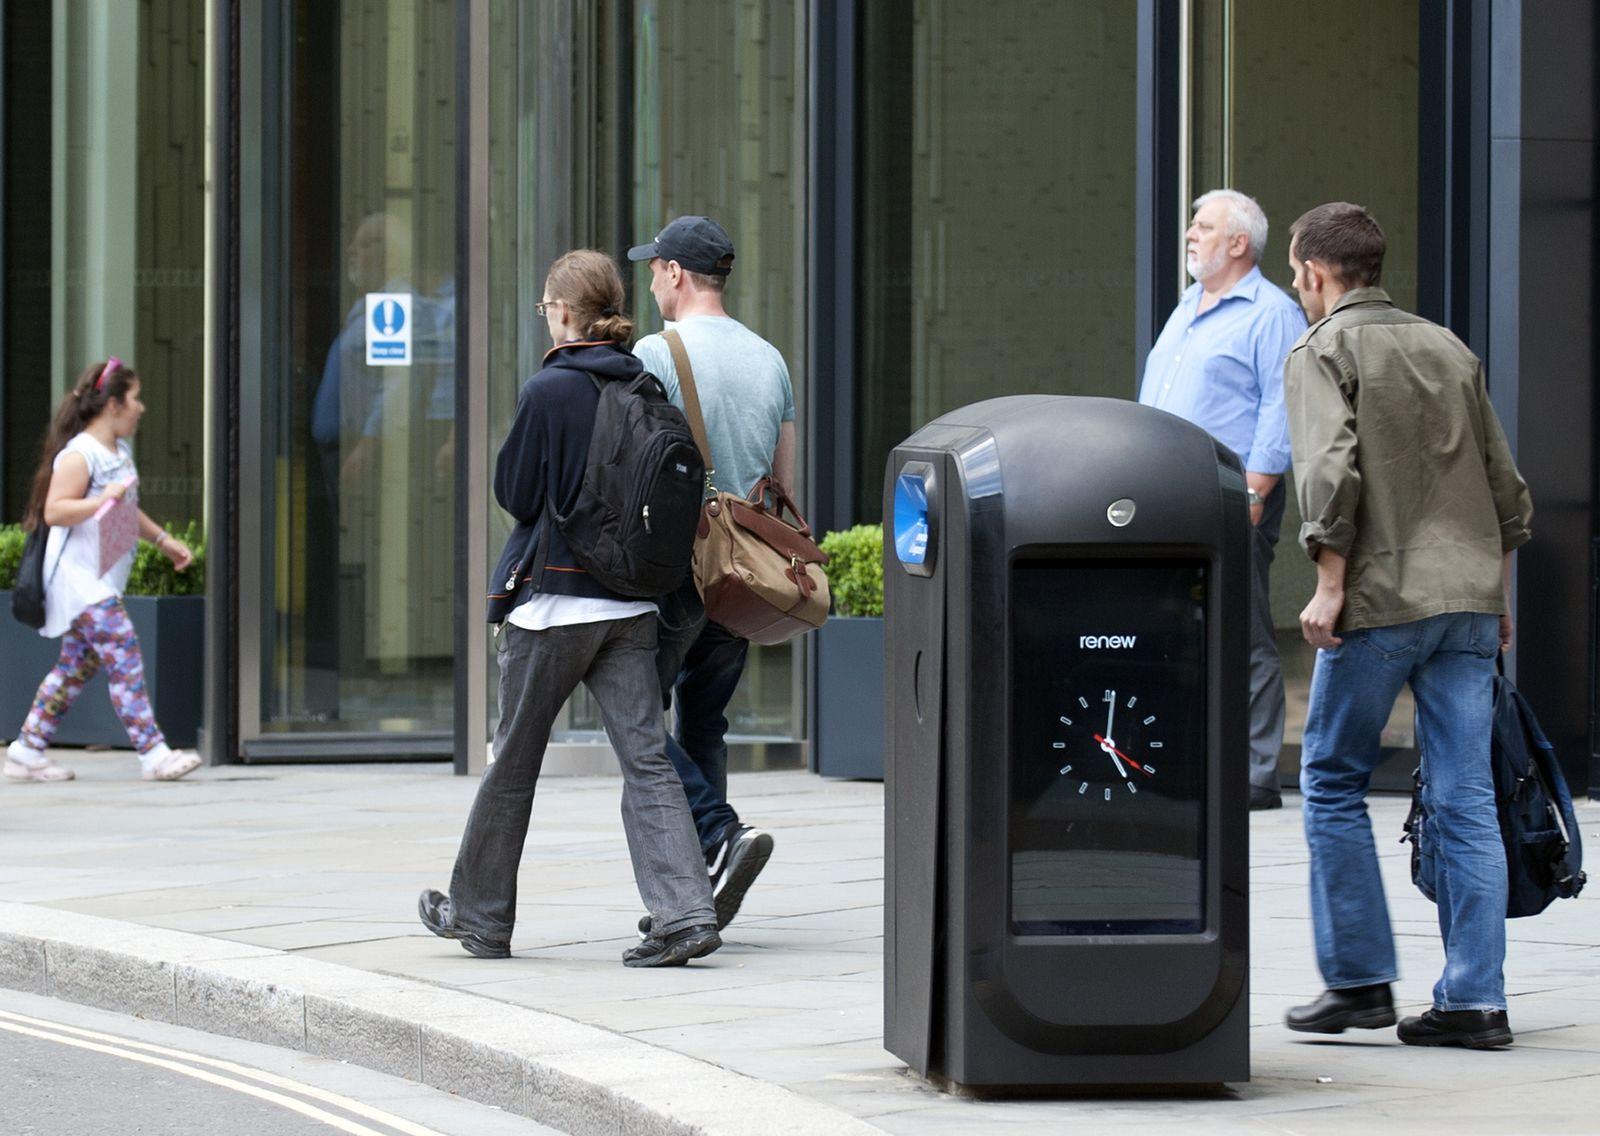 London / Mülltonne / Datenschutz